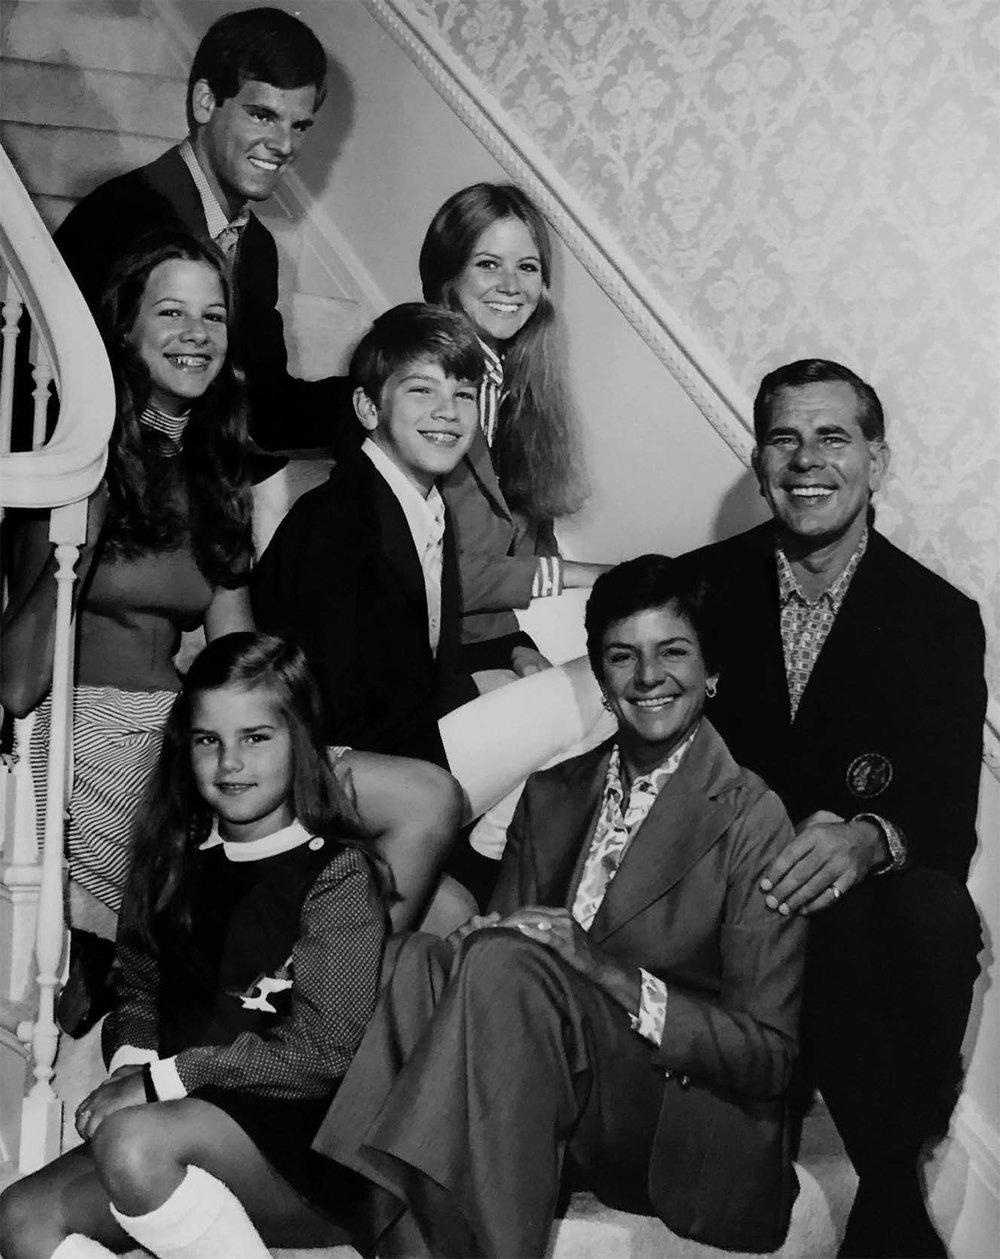 La famille photographiée dans leur résidence de Winnetka (dans le sens horaire, à partir du haut de l'escalier) : Rocky, Gail, Peter, Bill, Joan, Alison et Karey.